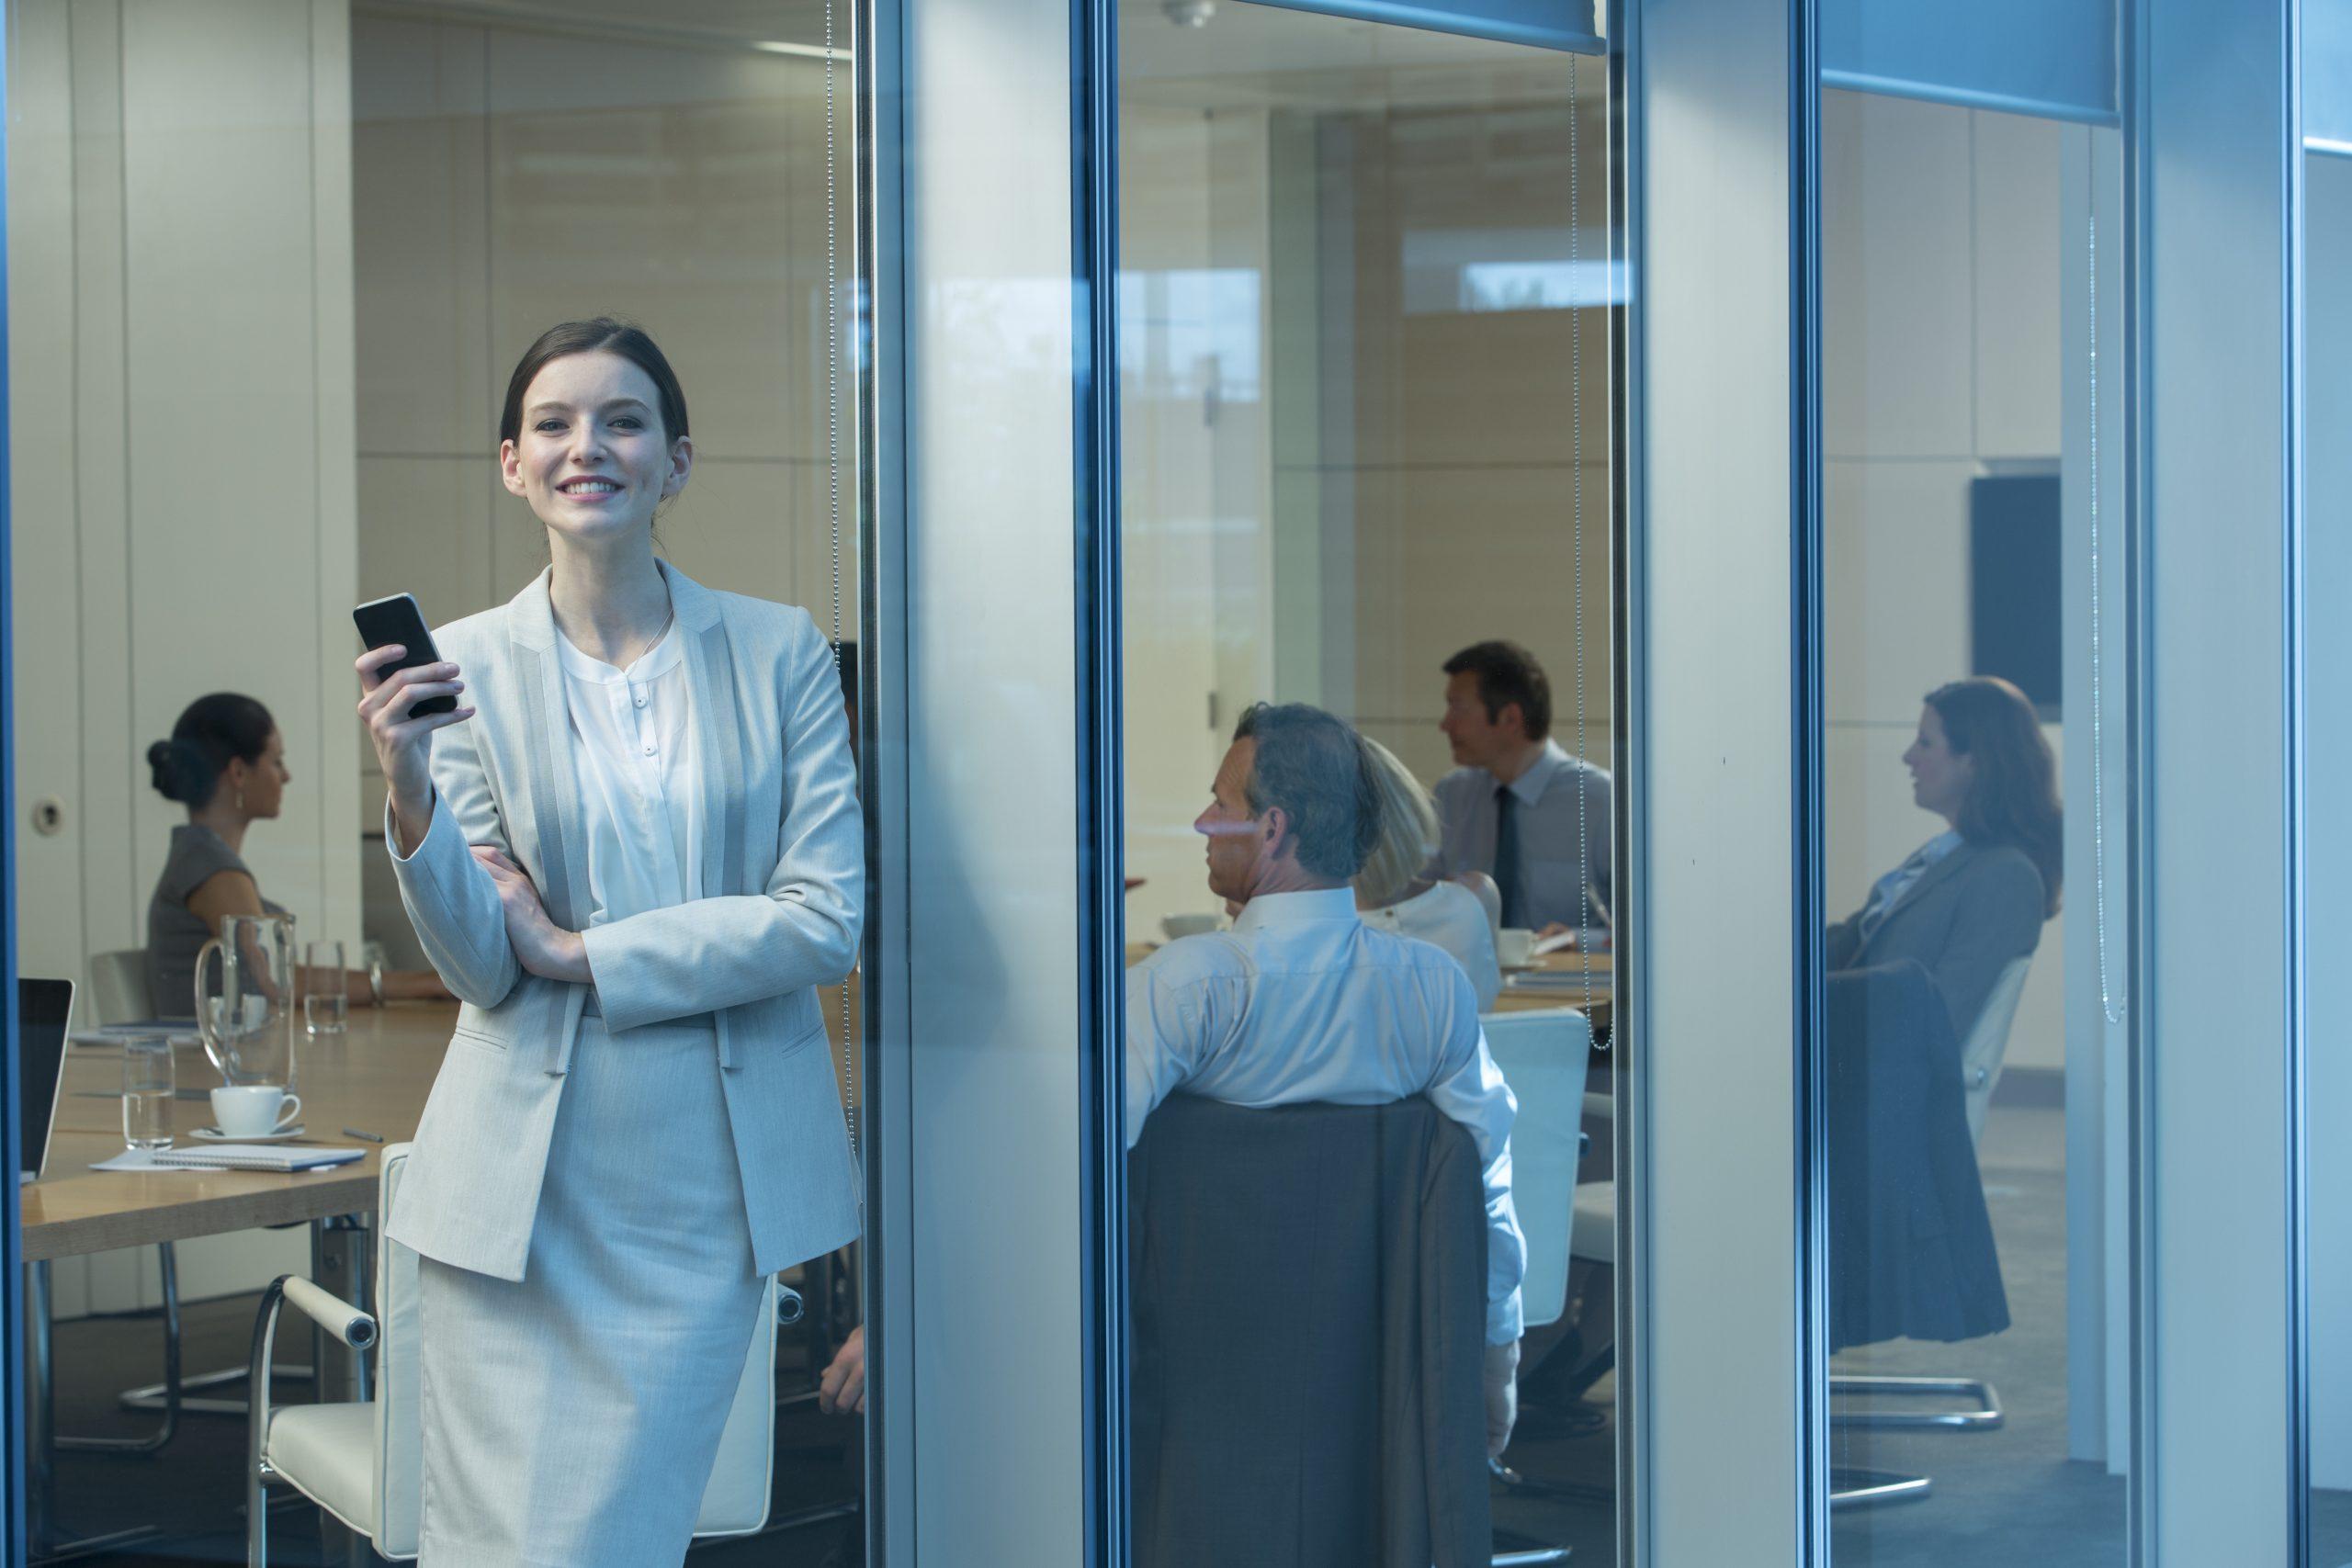 Eine geschäftlich gekleidete Frau steht lächelnd am Fenster eines Besprechungsraumes und hält ein Handy in der Hand.